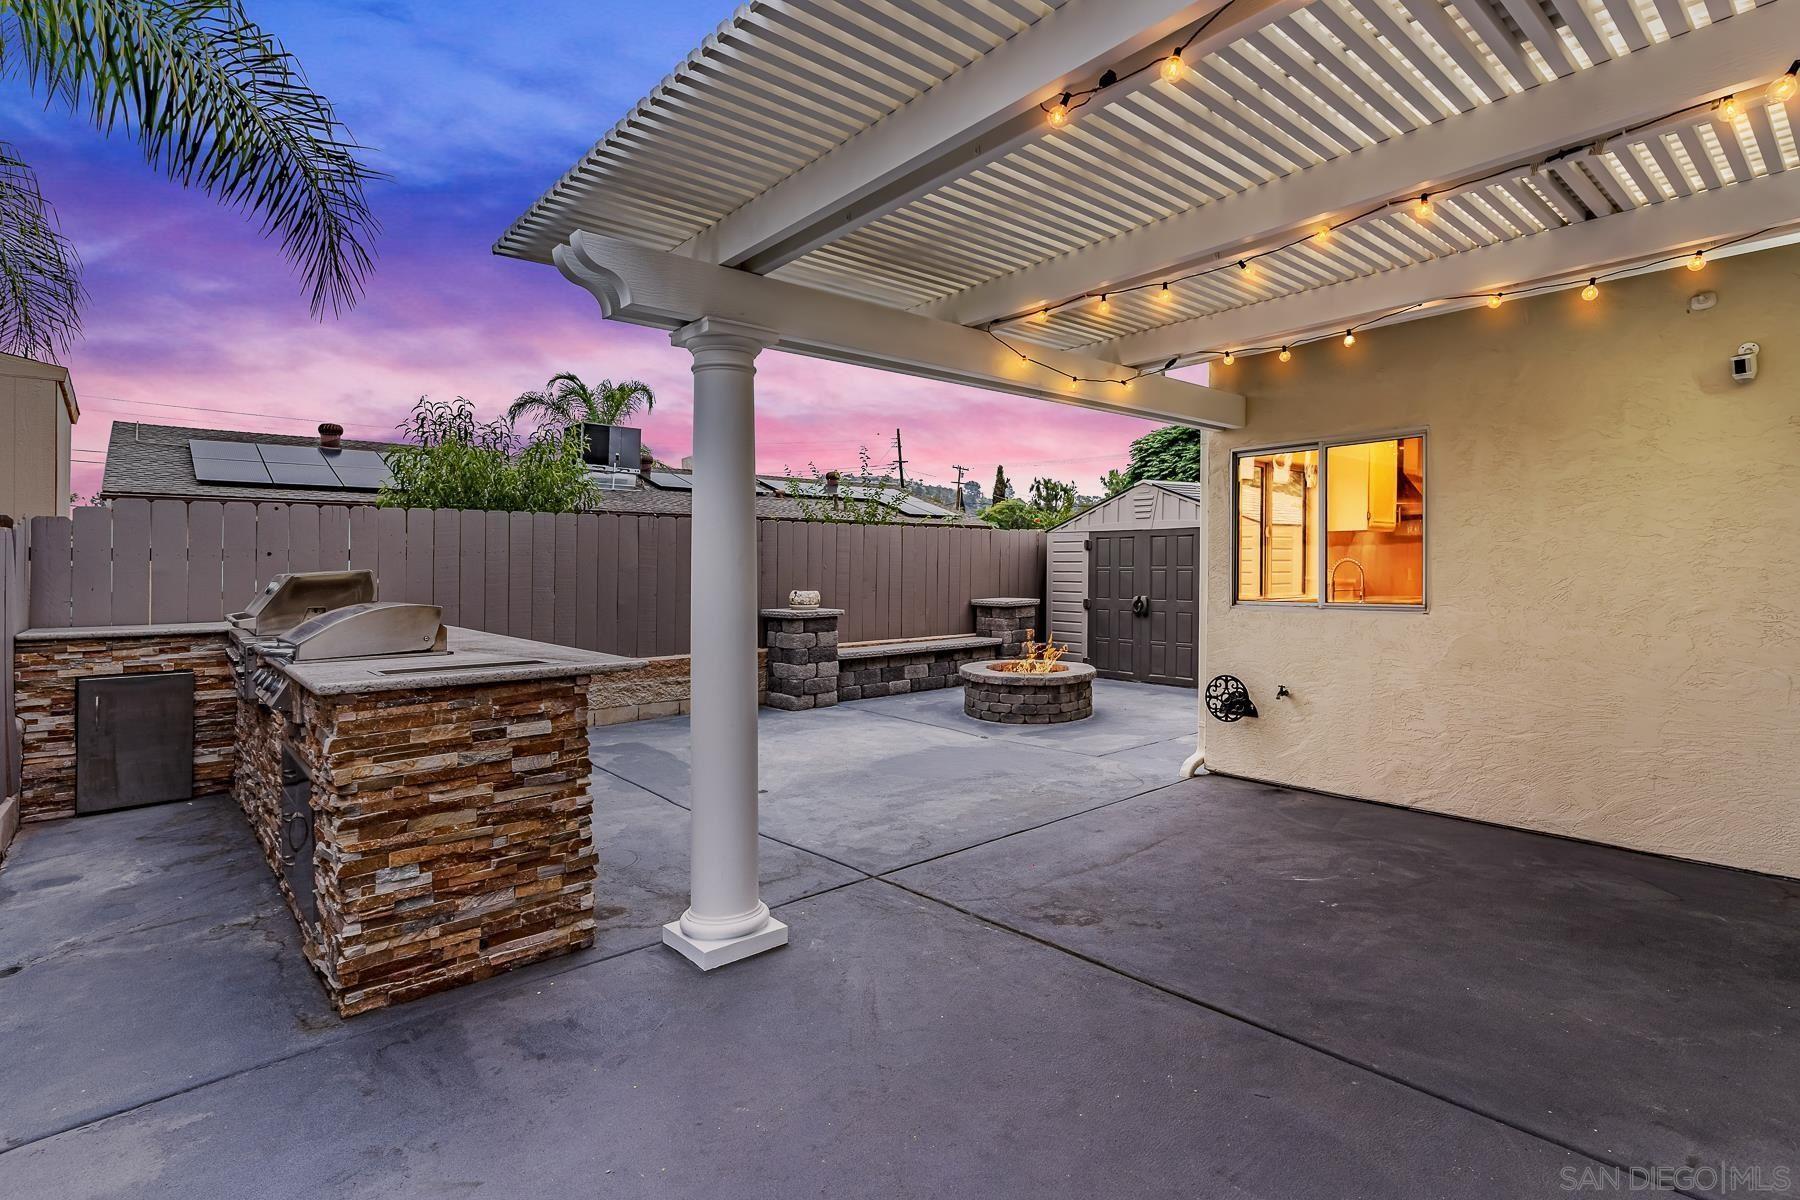 Photo of 751 Nicholas Lane, El Cajon, CA 92019 (MLS # 210021211)